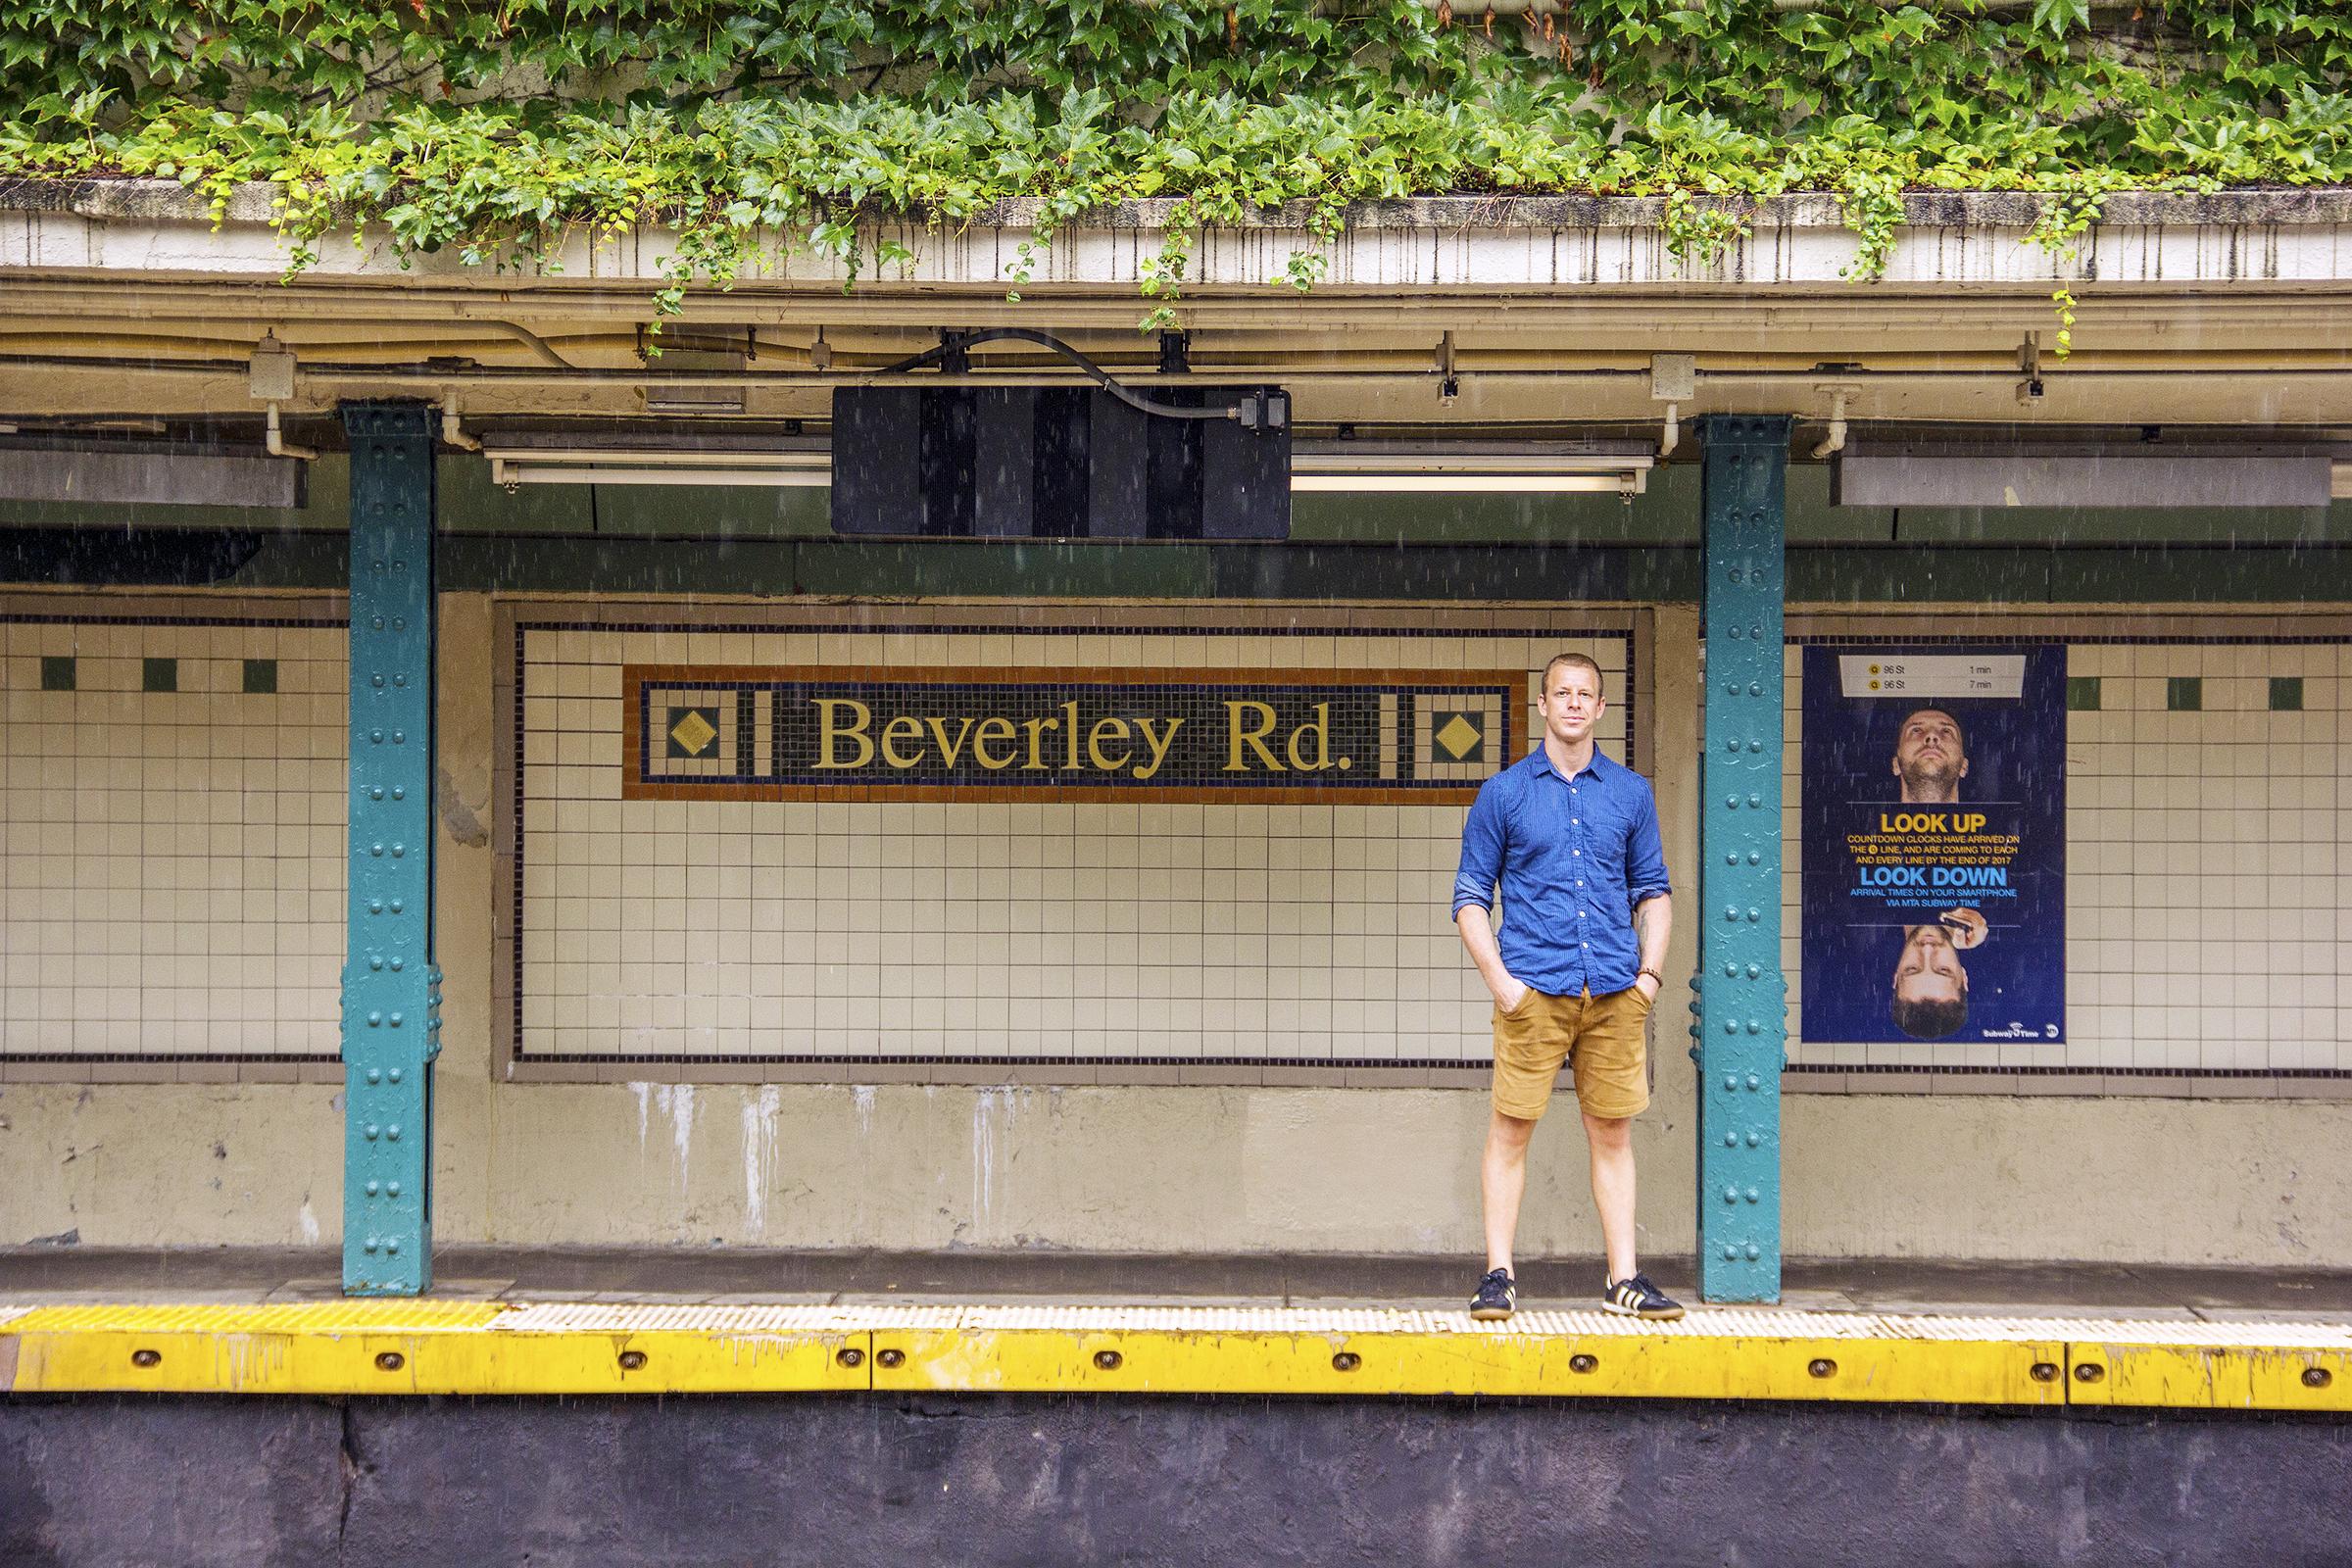 MTA do not hold doors nyc subway